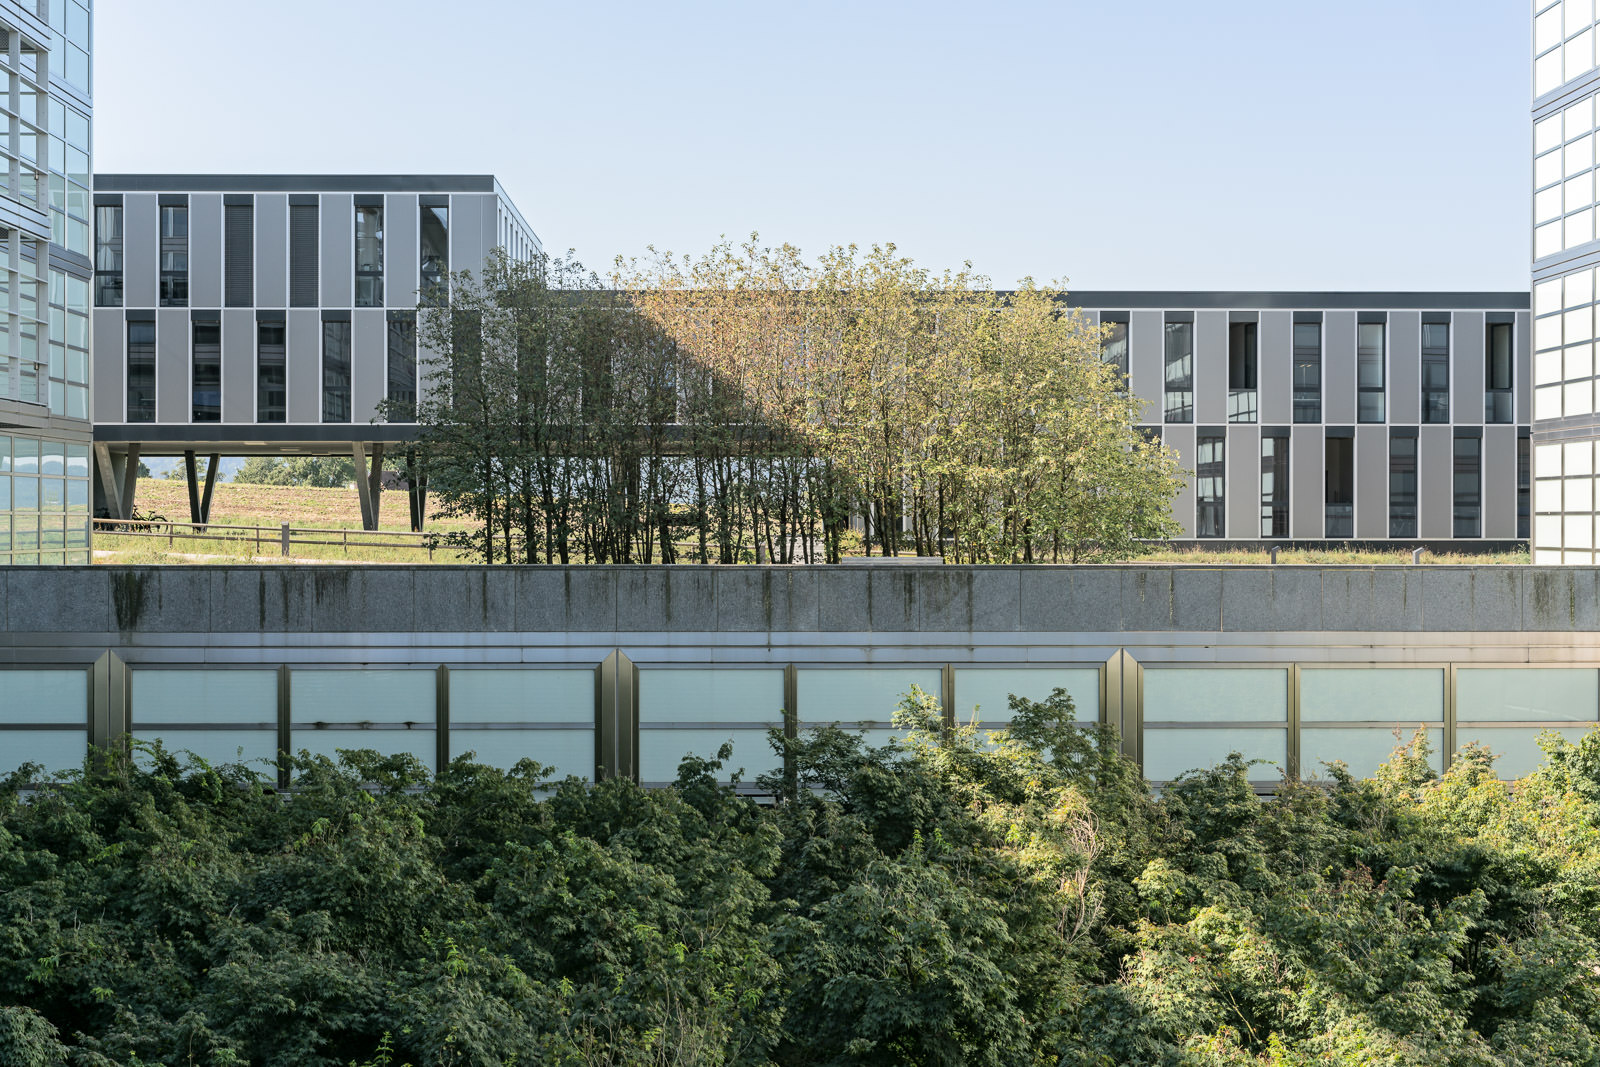 Architekturfotografie - ETH, Universität - Wissenschaft & Technologie Fotografie